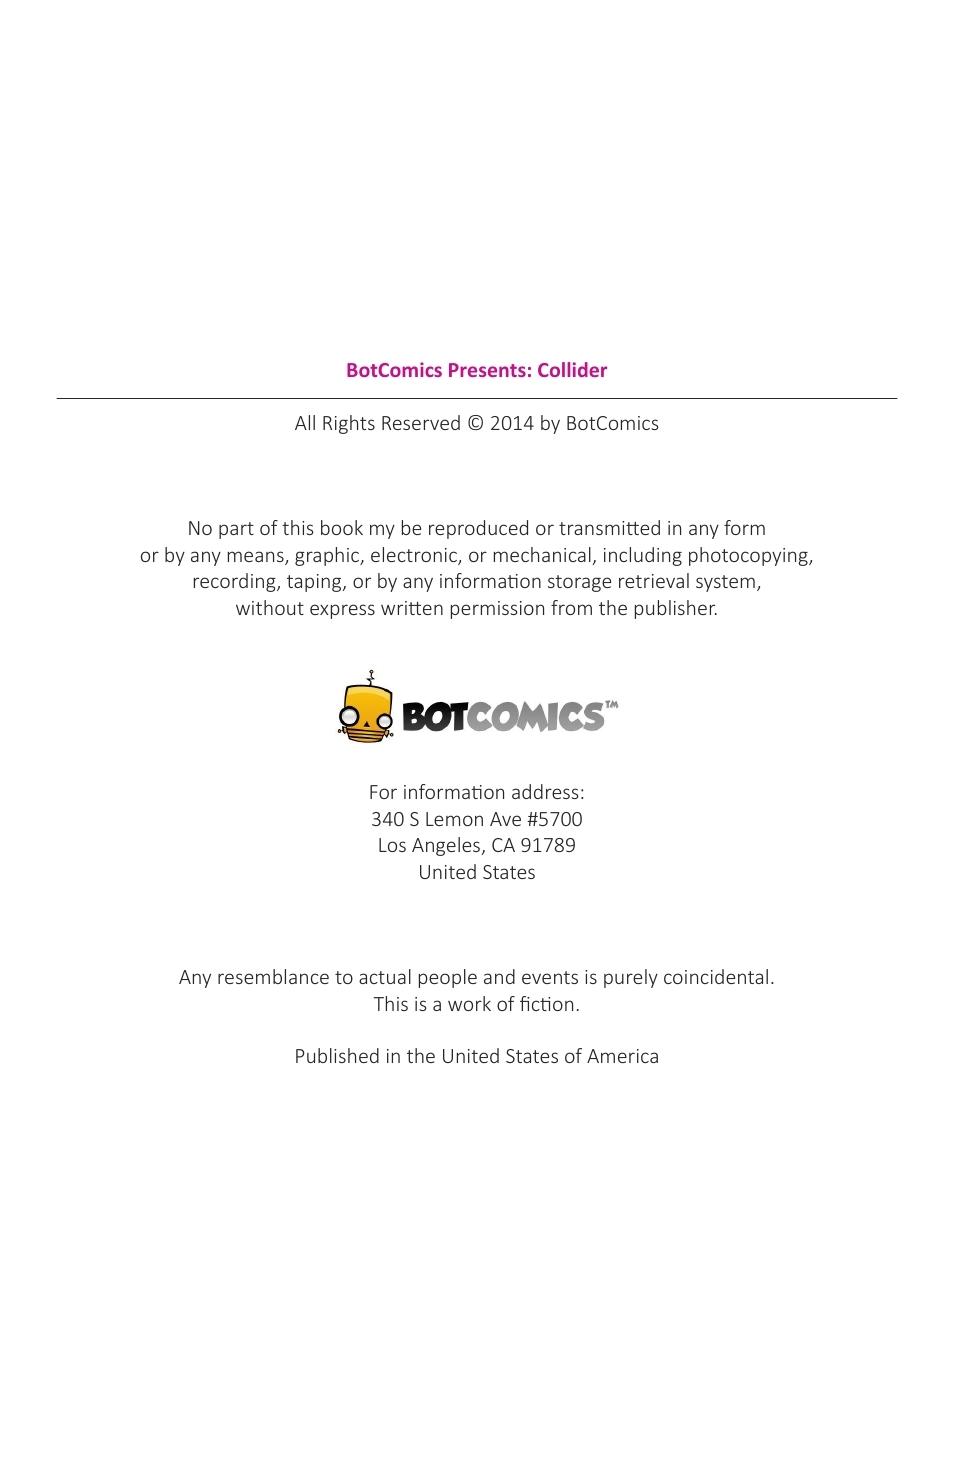 Collider II- Bot Comics